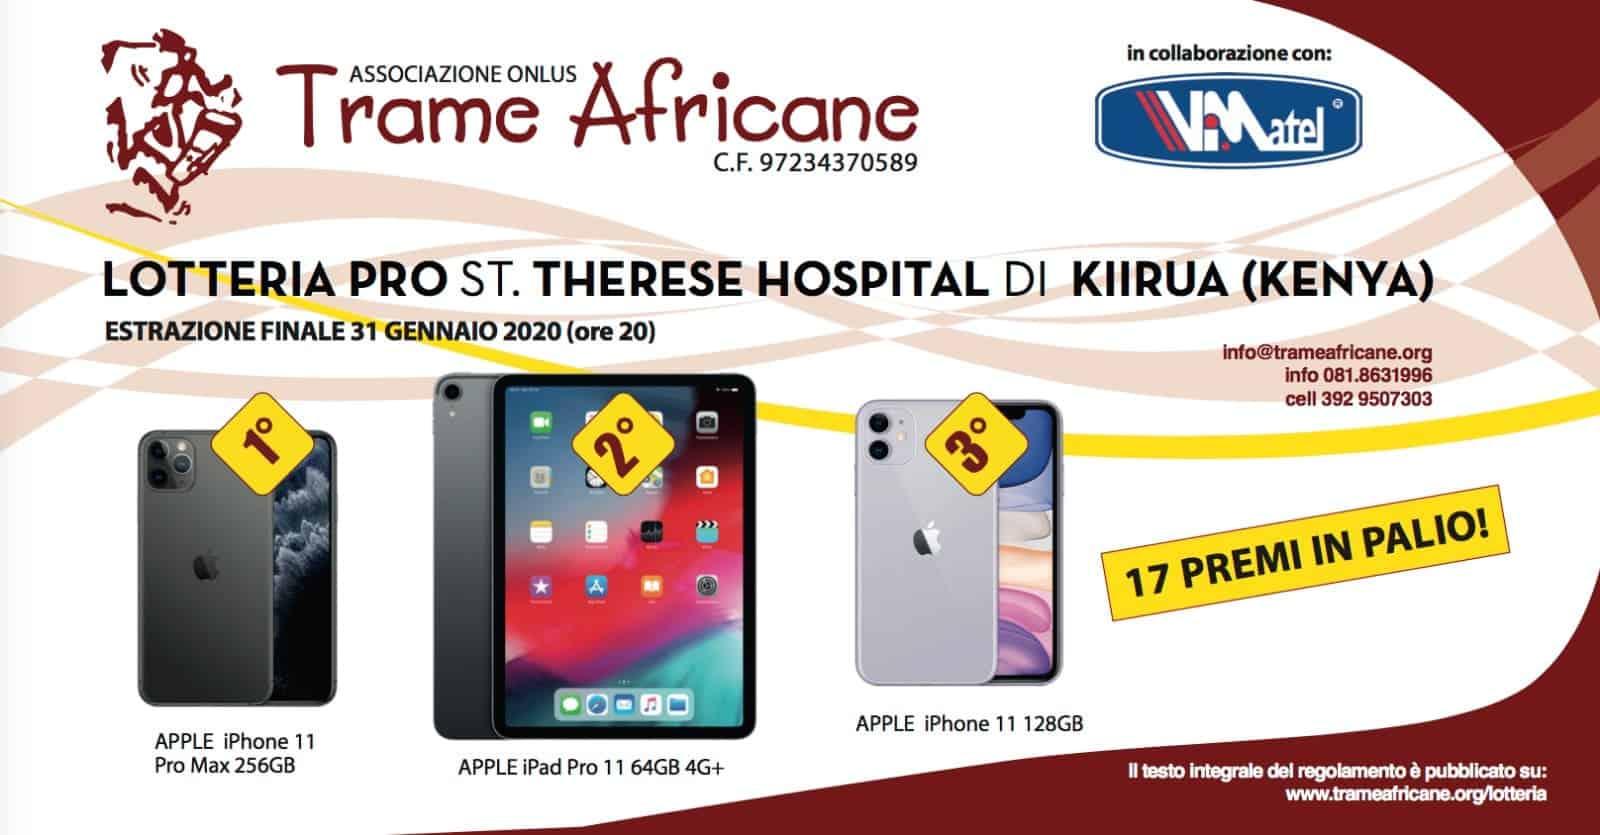 lotteria-trame-africane